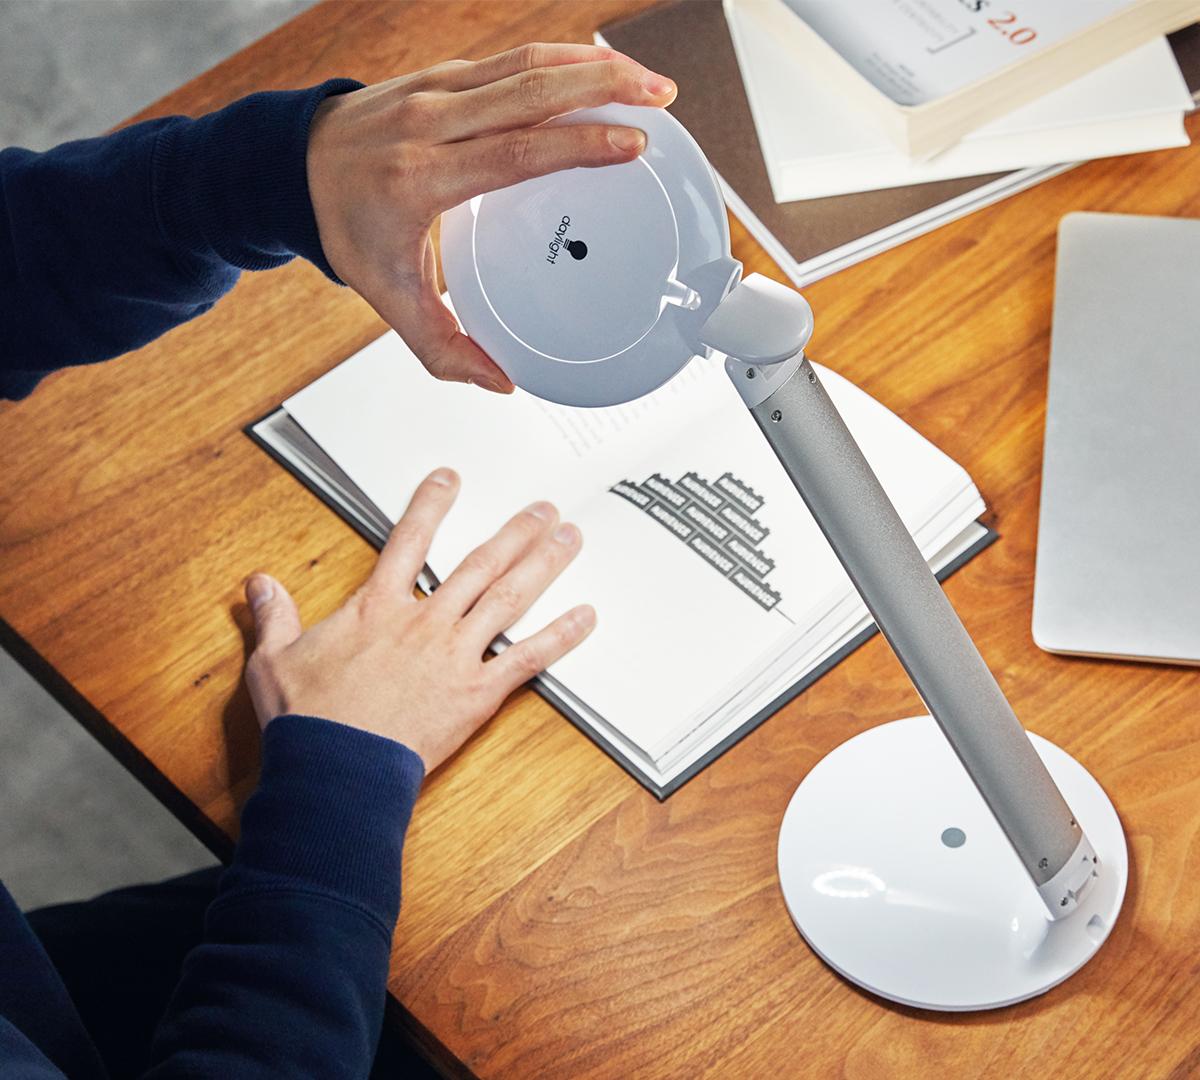 文字がぐっと読みやすく、色もくっきりキレイに。いつも以上に、仕事や勉強、趣味の時間に没頭できる。どんな姿勢でも、ベストポジションを照らしてくれる、手元を大きく・明るく照らすルーペ付き太陽光LEDの「デスクライト」|daylight - Halo Go